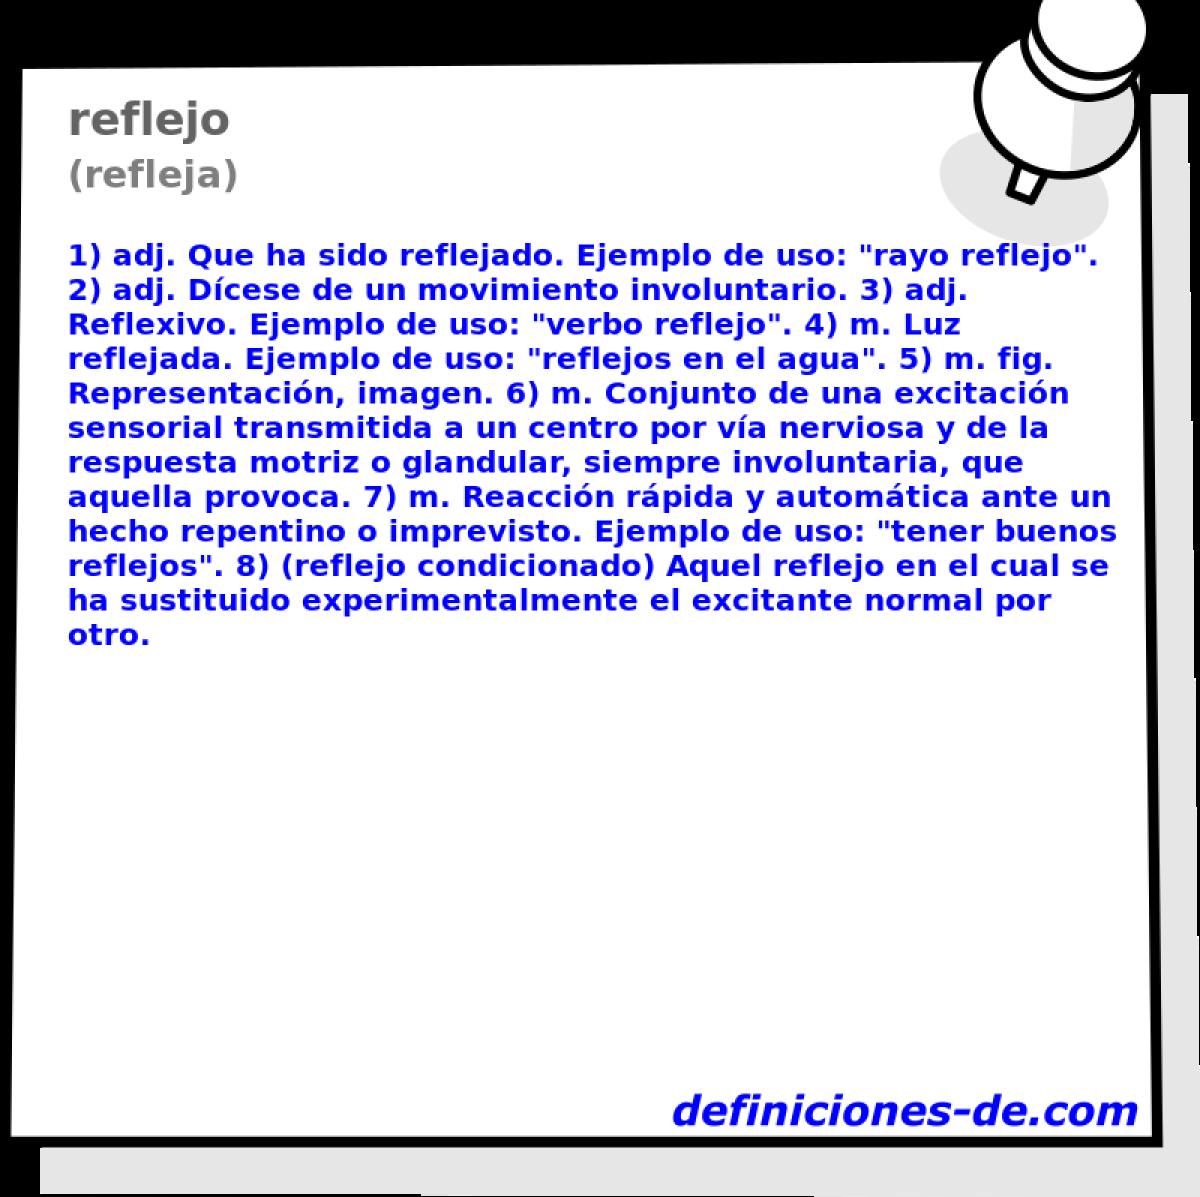 Qué significa Reflejo (refleja)?